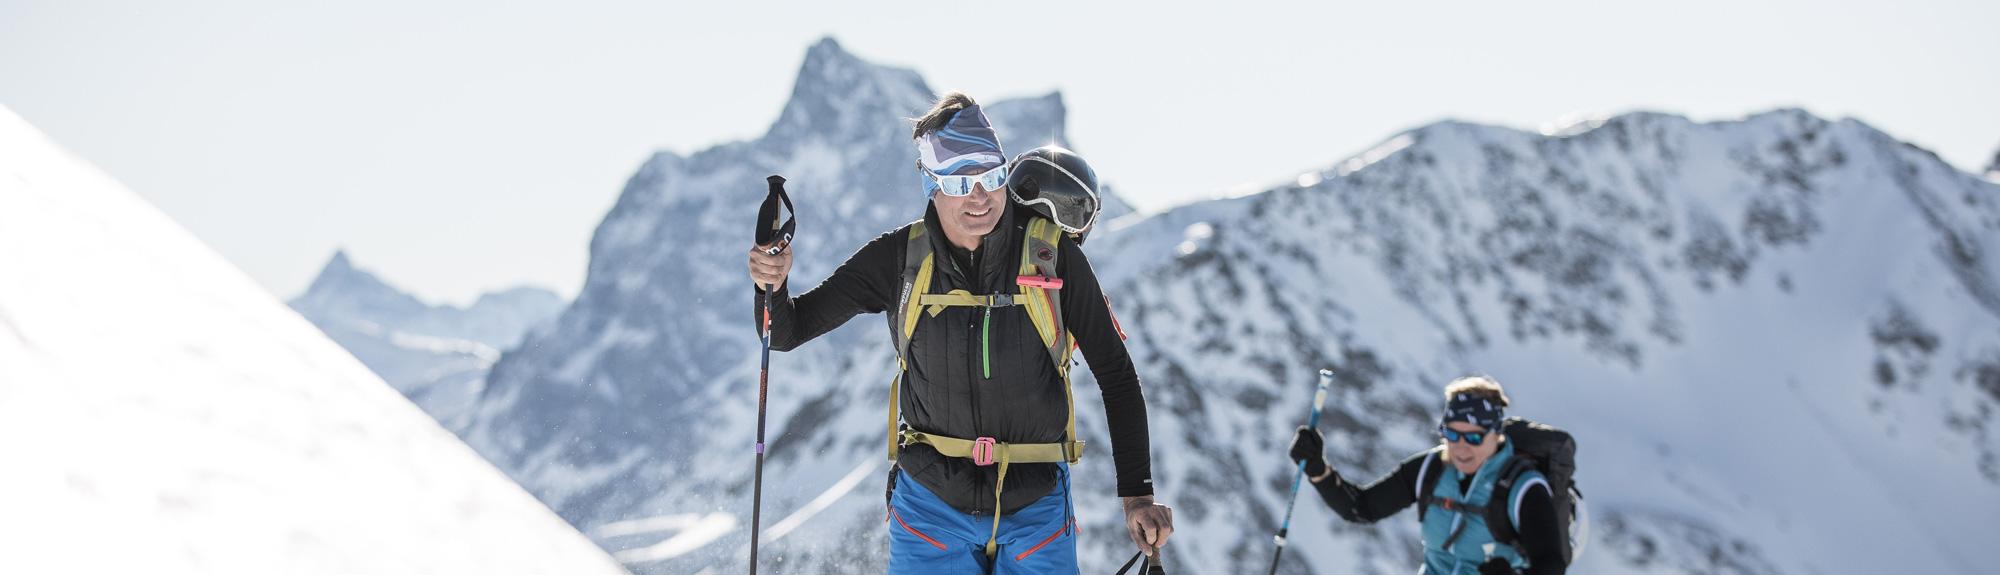 piste to powder - ski touring guiding anton lech zürs ski guides | bergführer und alpinschule st anton